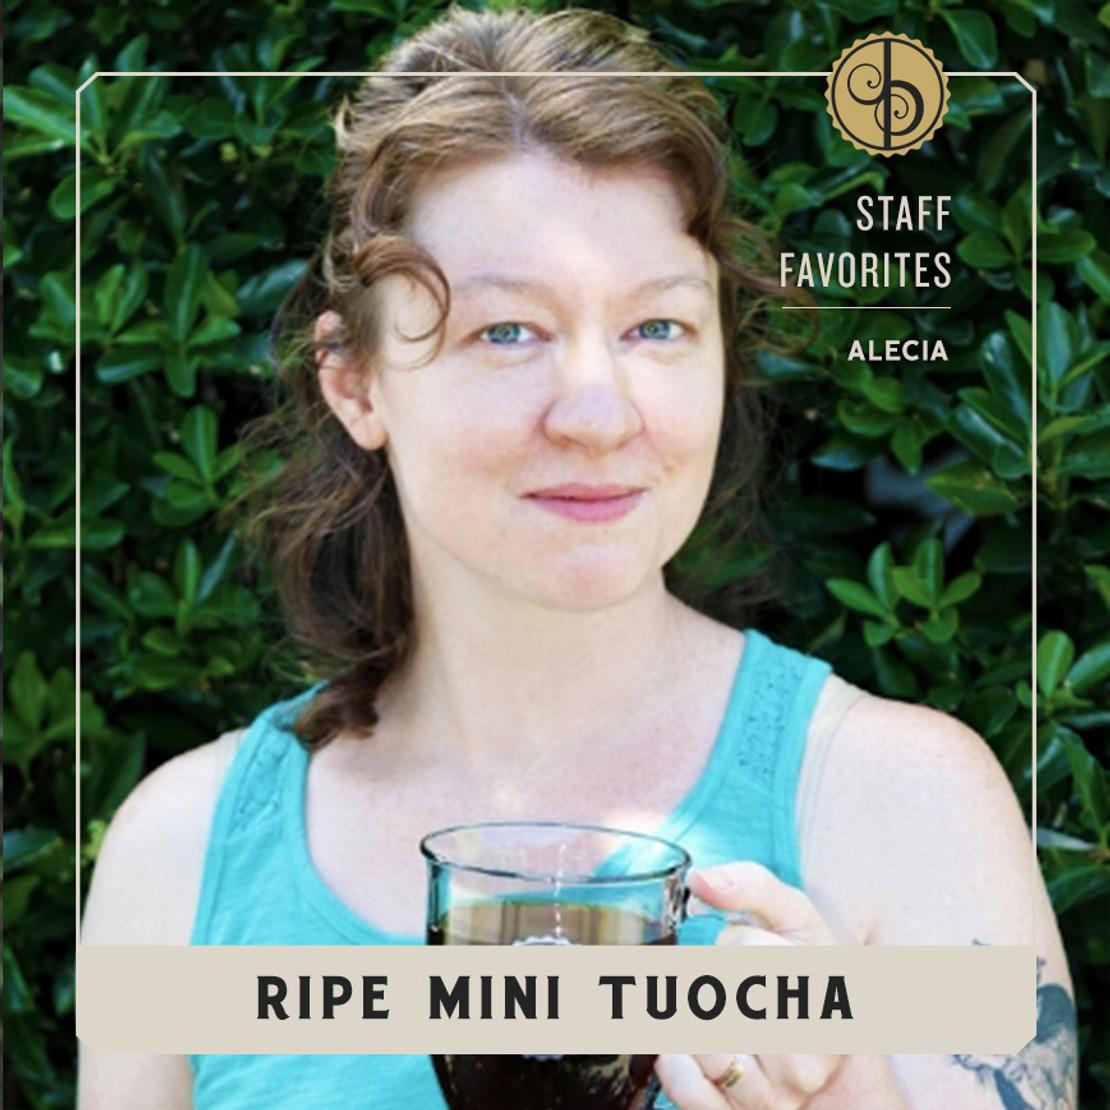 Staff Favorites: Alecia & Mini Tuocha